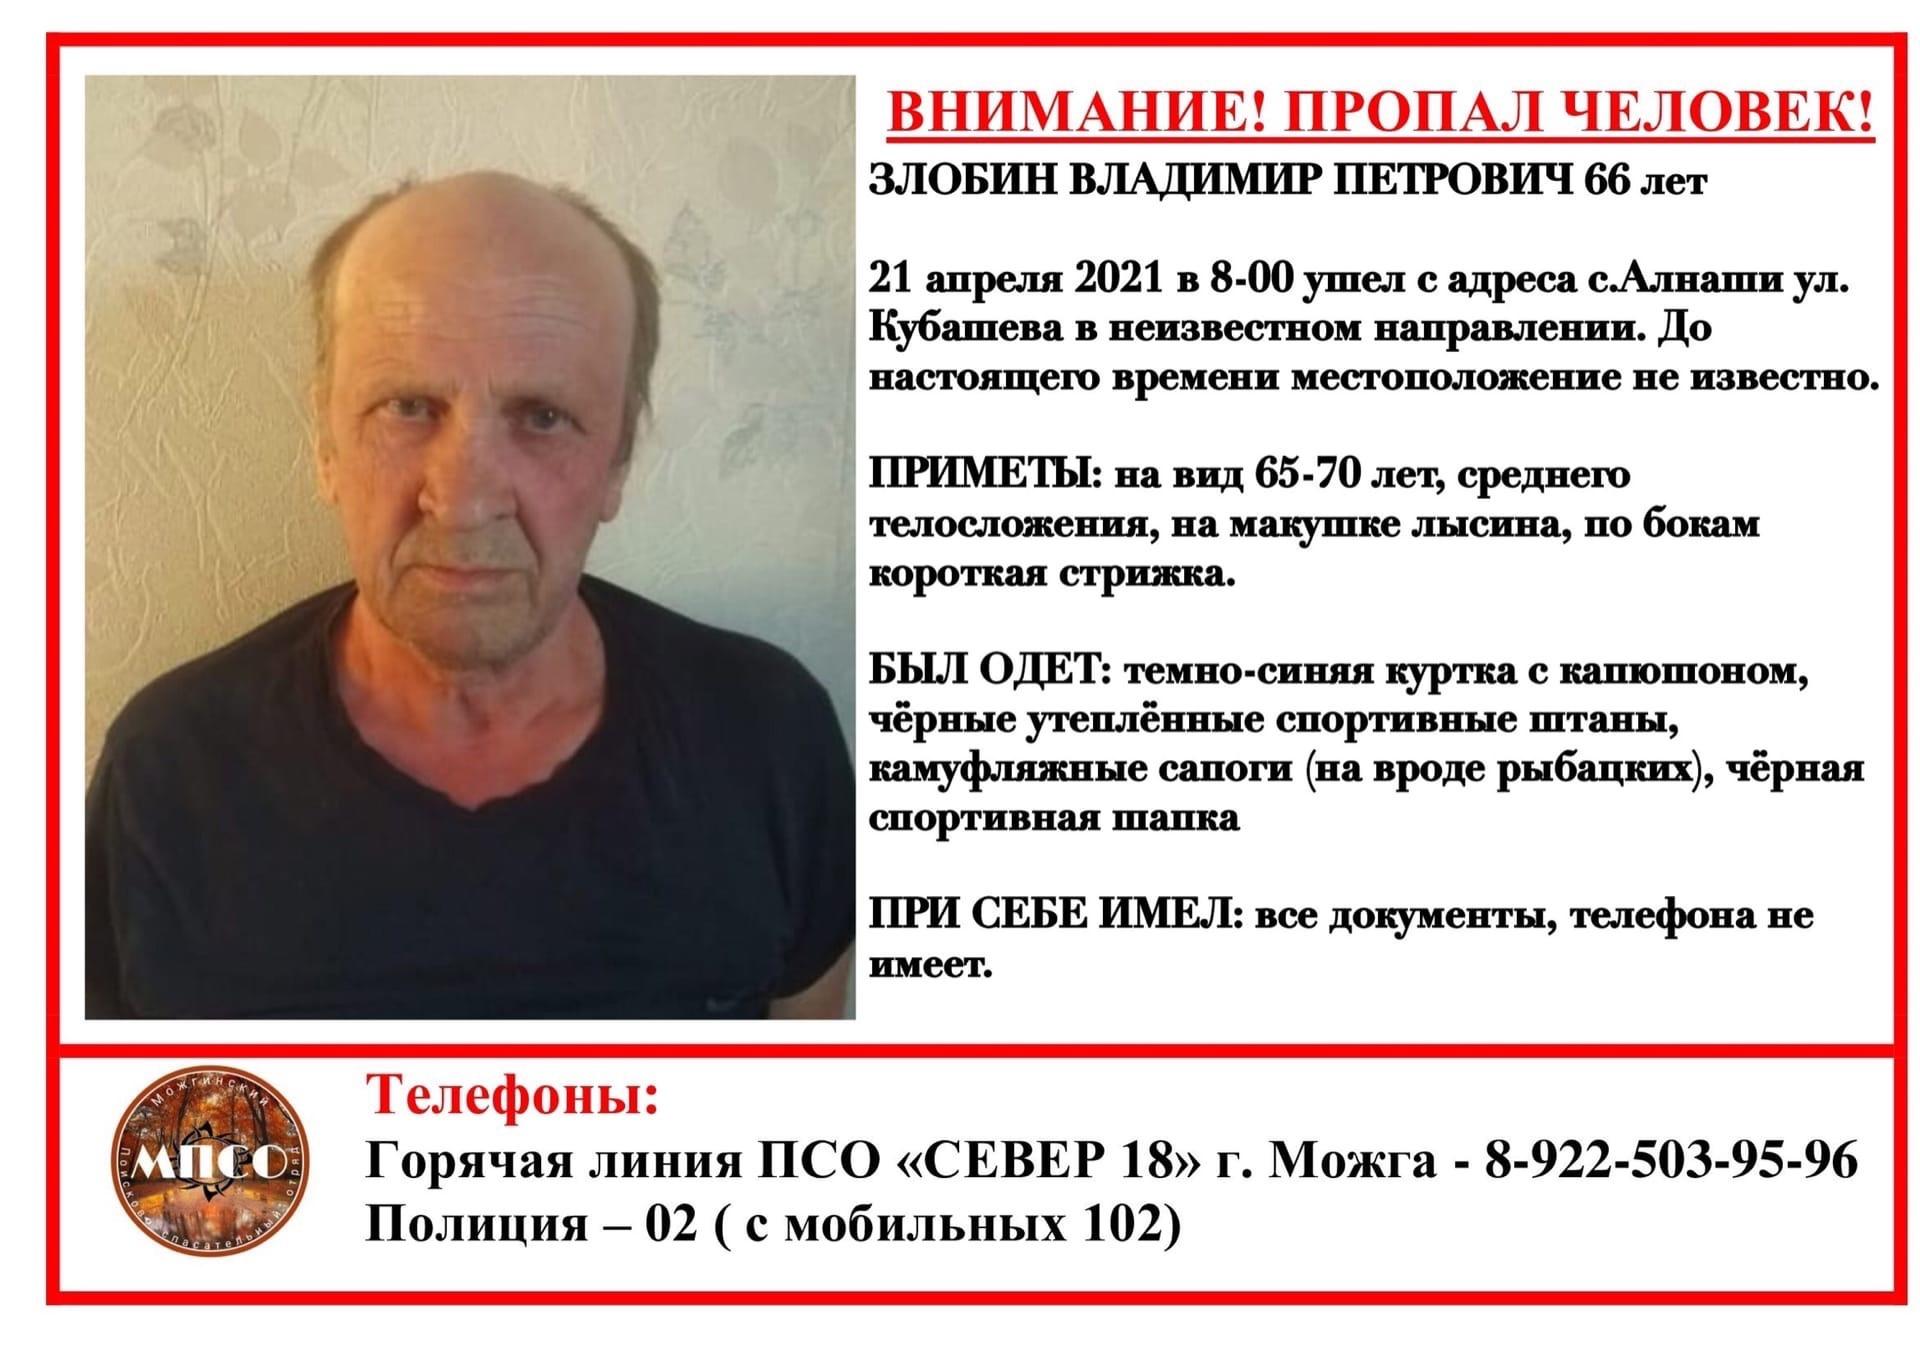 Внимание, пропал человек!Злобин Владимир Петрович, 66 лет.